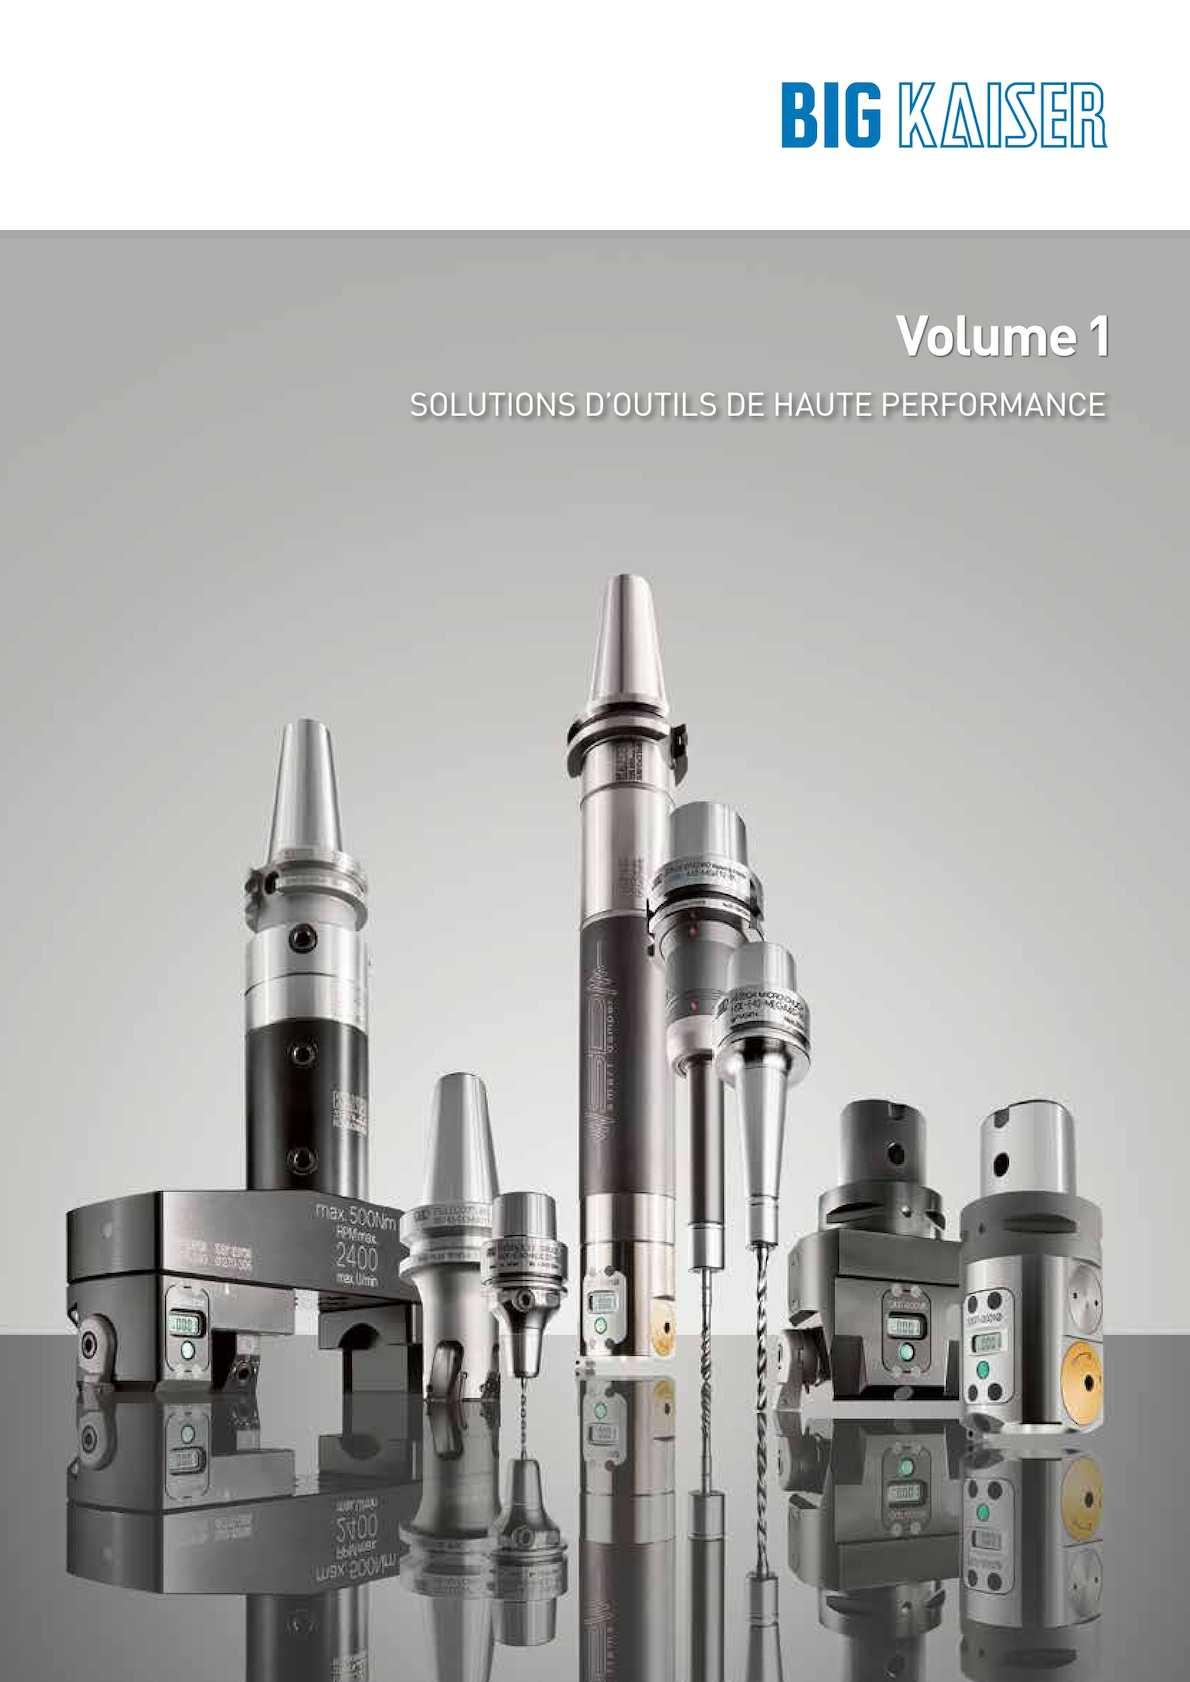 Extracteur D Air à Pile Unique Photos Calaméo Bigkaiser Volume1 Fr